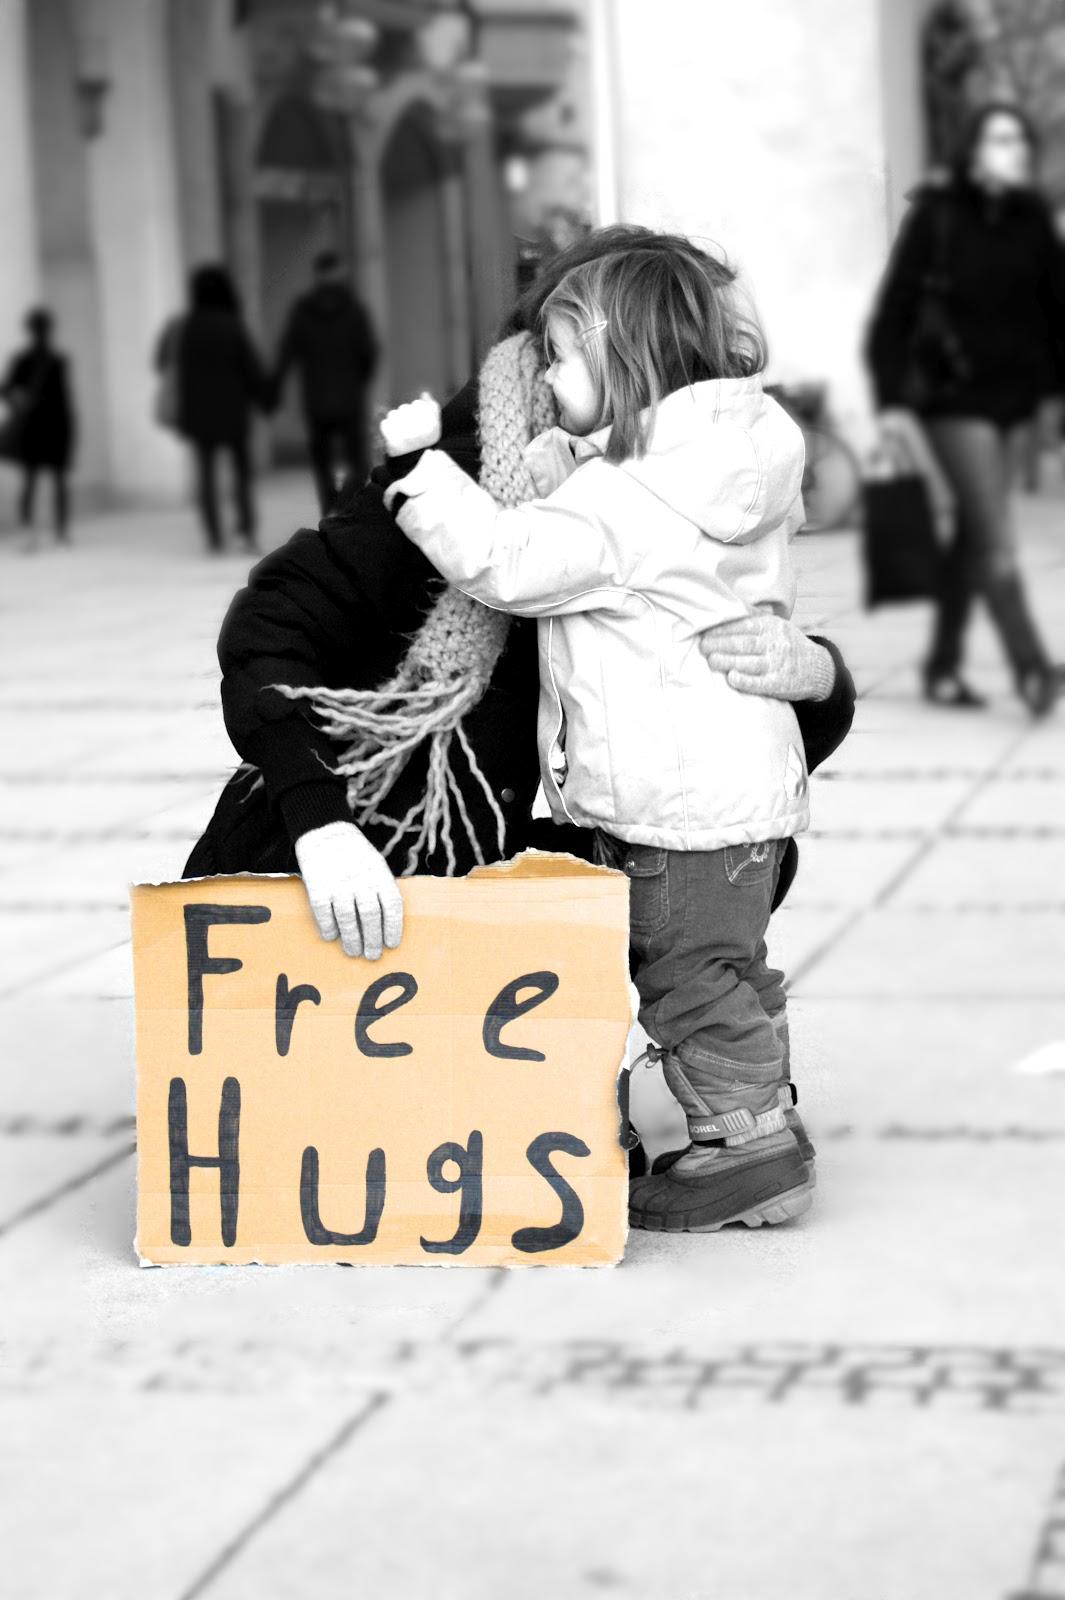 free_hugs_2_by_dastalisa-d3adynw.jpg